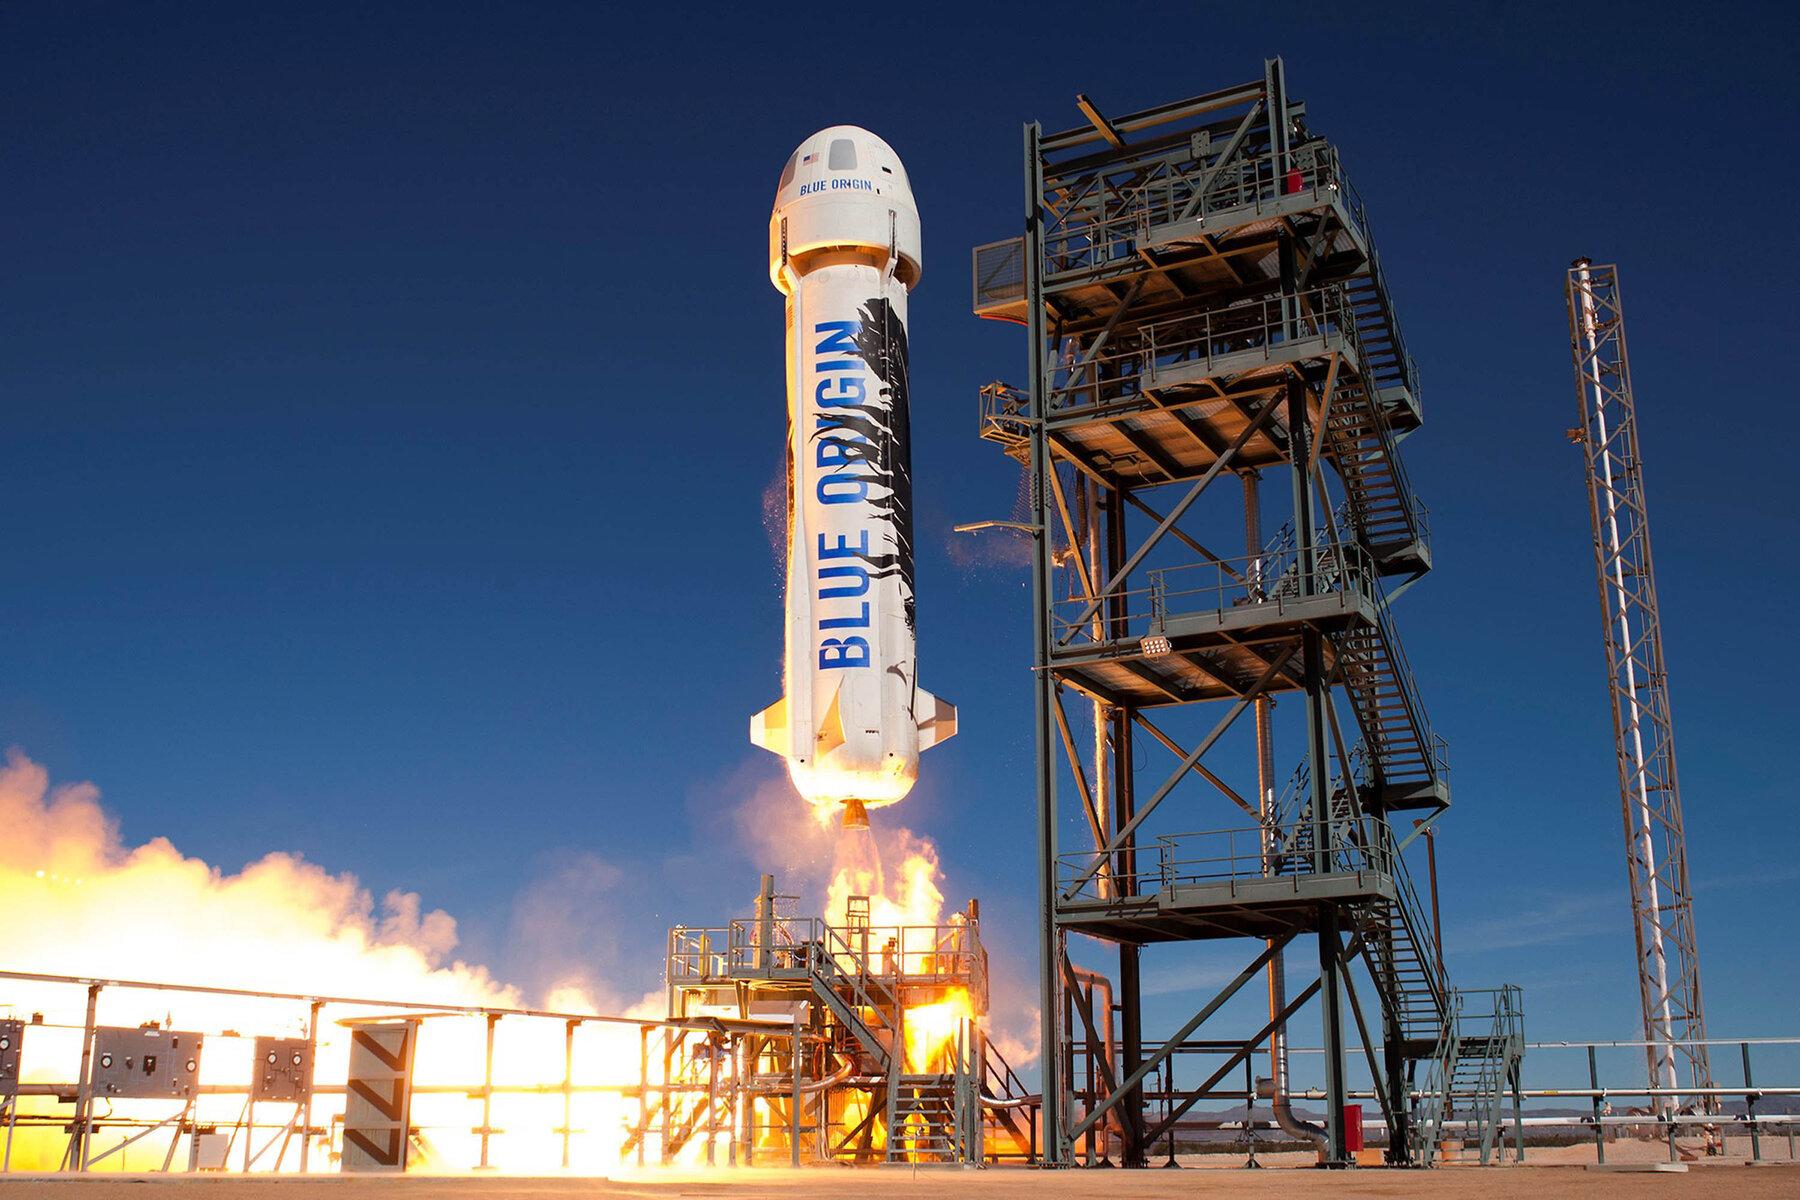 Inilah cara menyaksikan Jeff Bezos meluncur ke luar angkasa pada hari Selasa — BGR